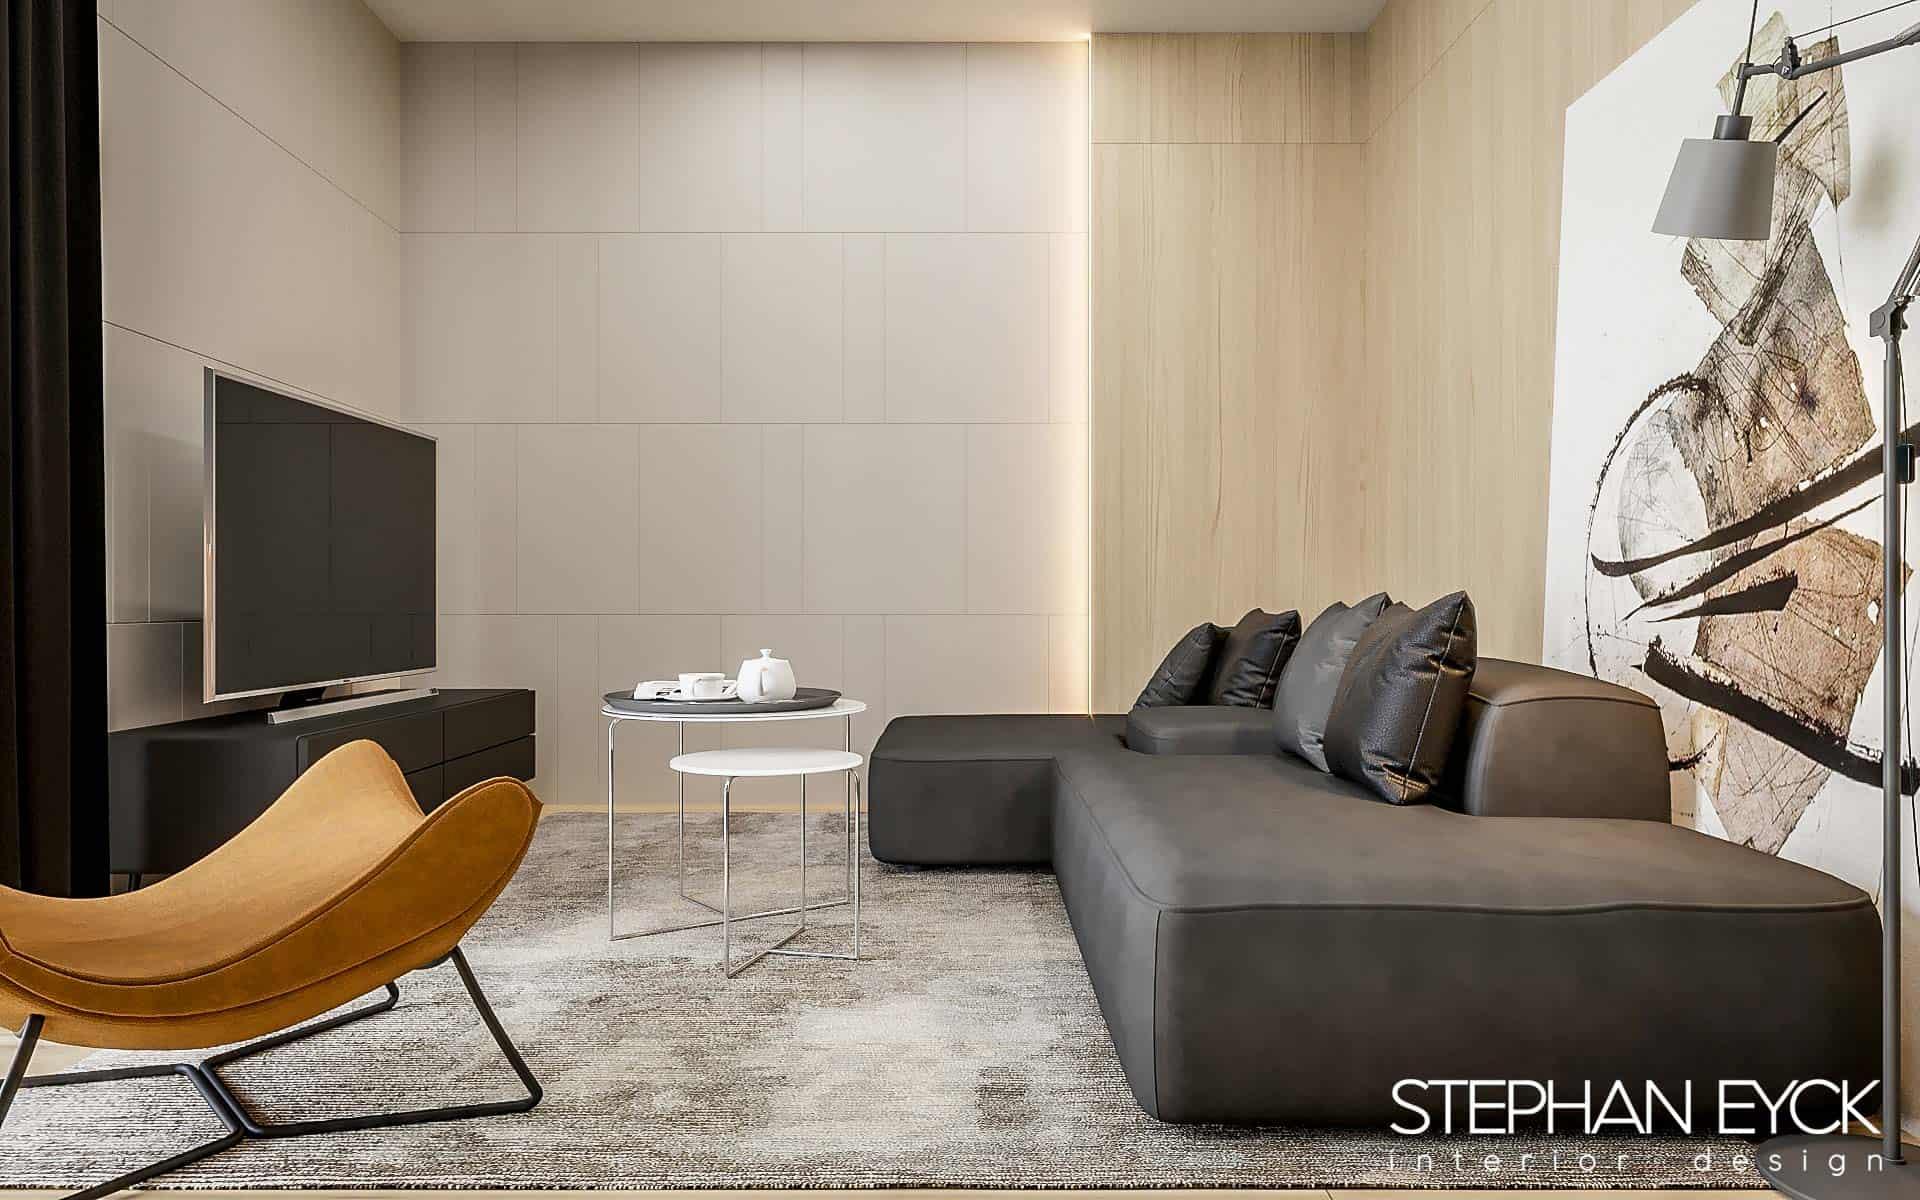 design interior livingroom budapesta03 Stephan Eyck